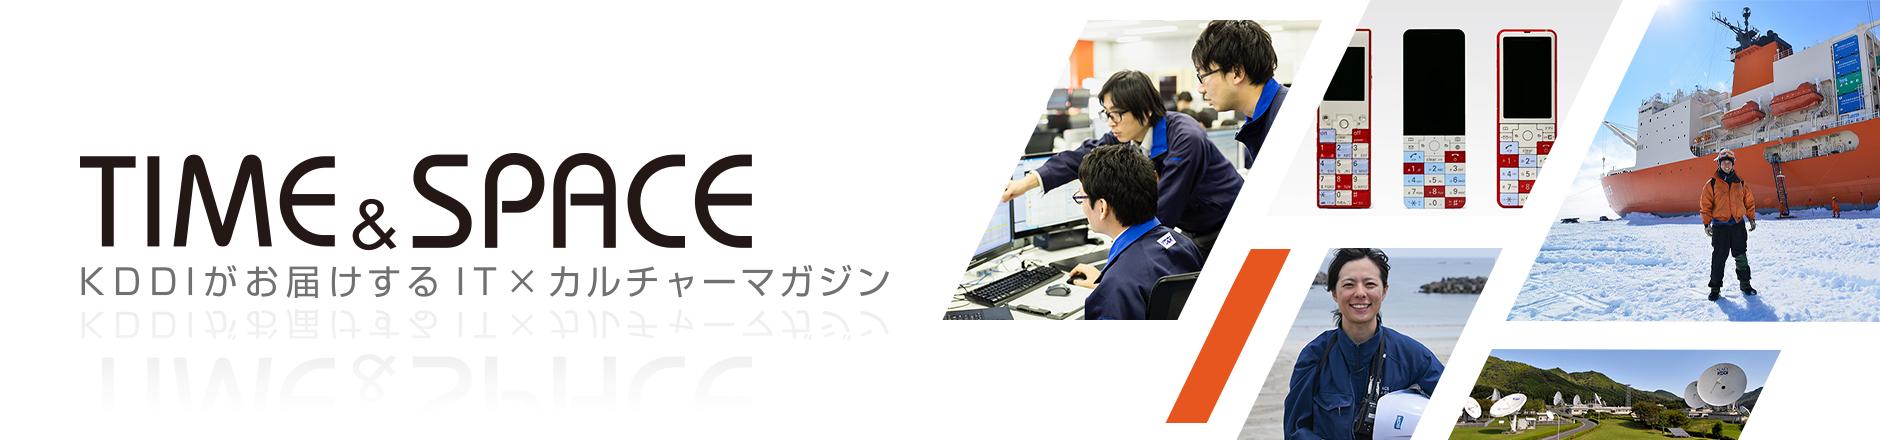 TIME&SPACE KDDIがお屆けするIT×カルチャーマガジン